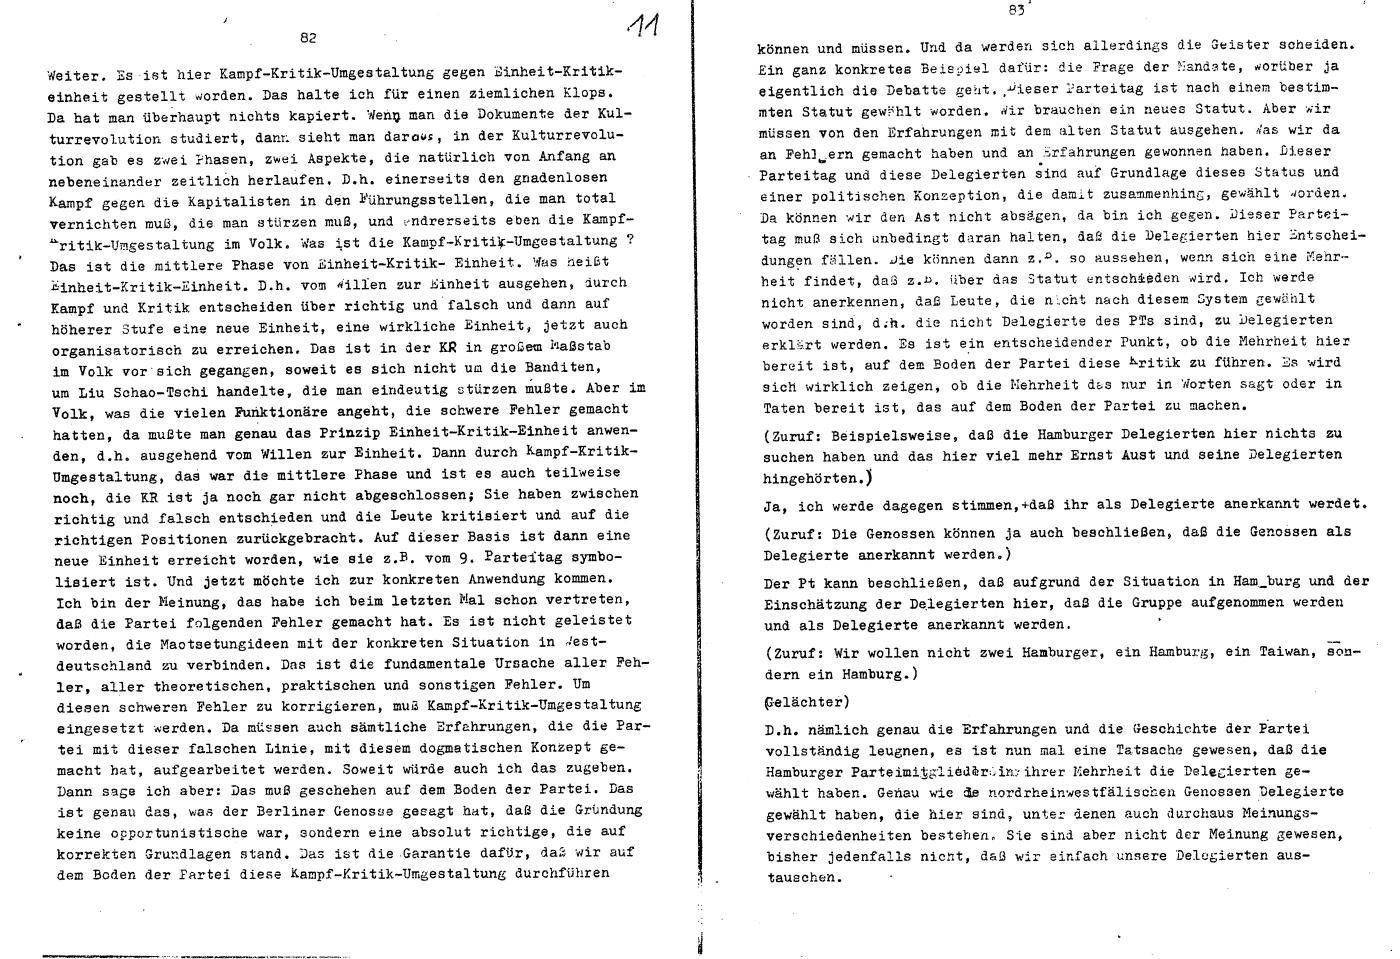 KPDML_1971_Wortprotokolle_aoPt_030